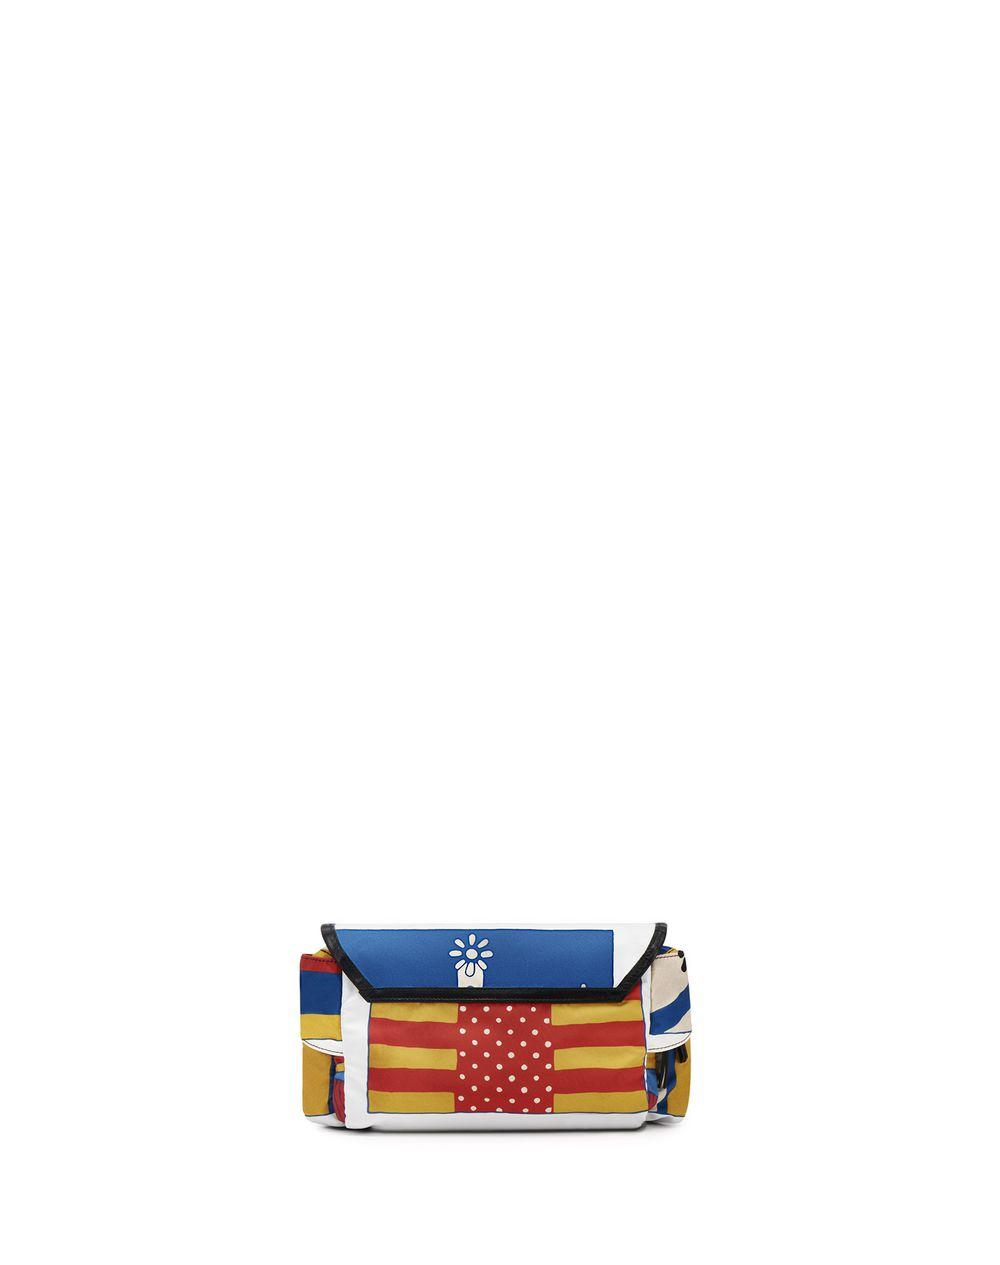 BANANE VENICE LANVIN FLAGS - Lanvin